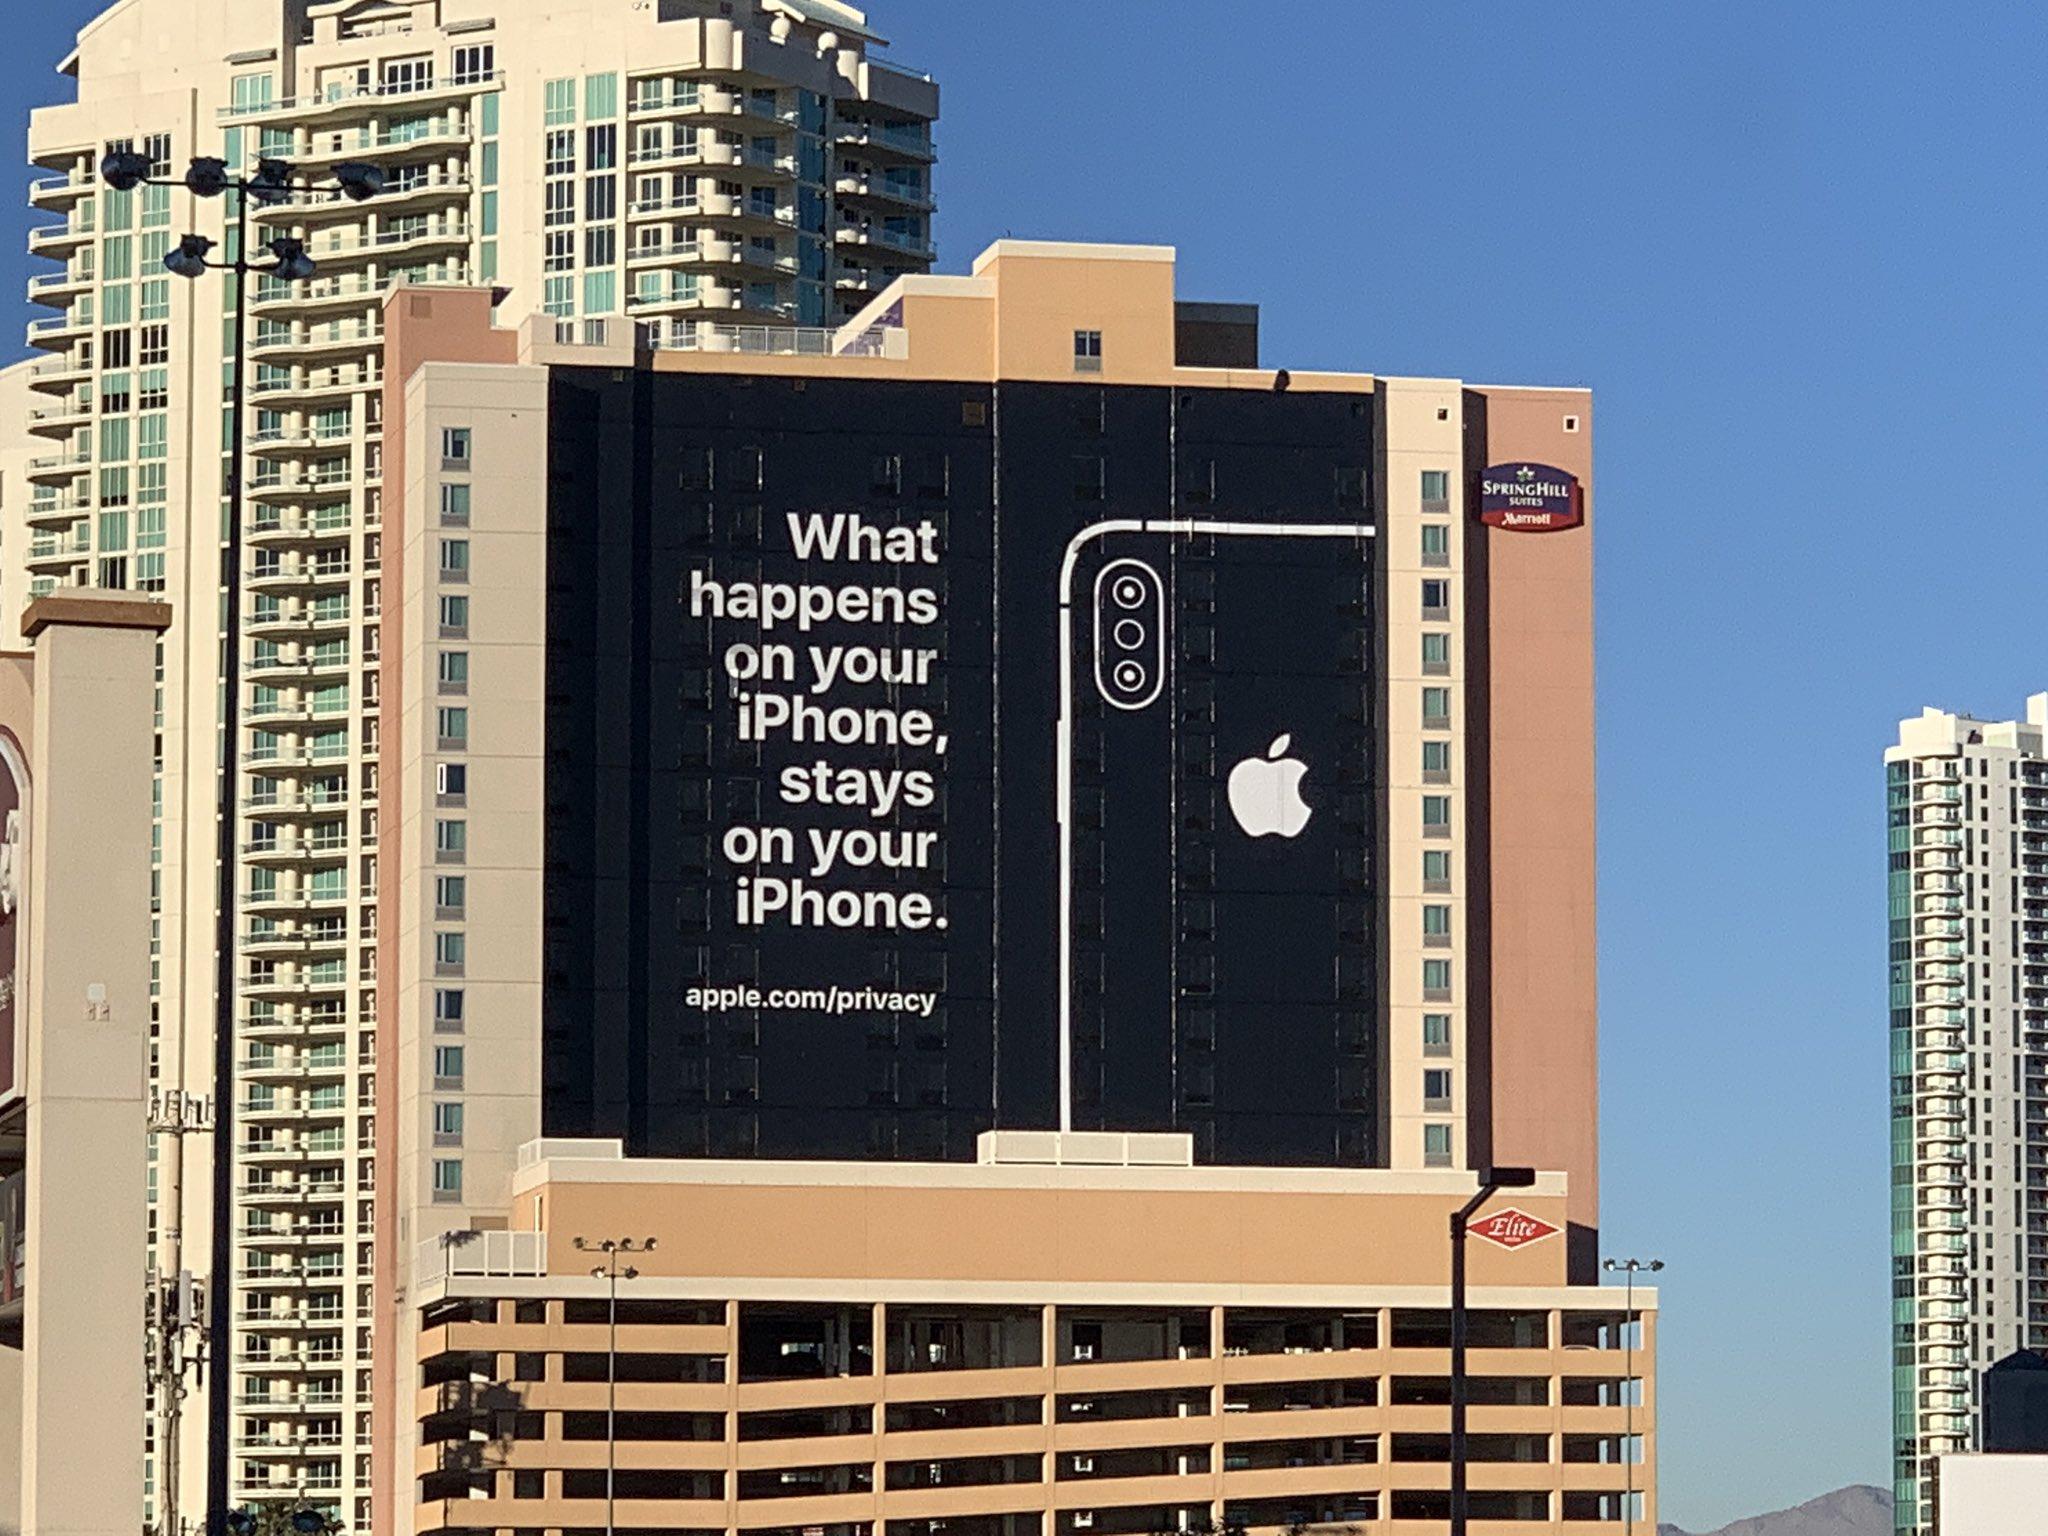 Lo que ocurre en tu iPhone, se queda en tu iPhone